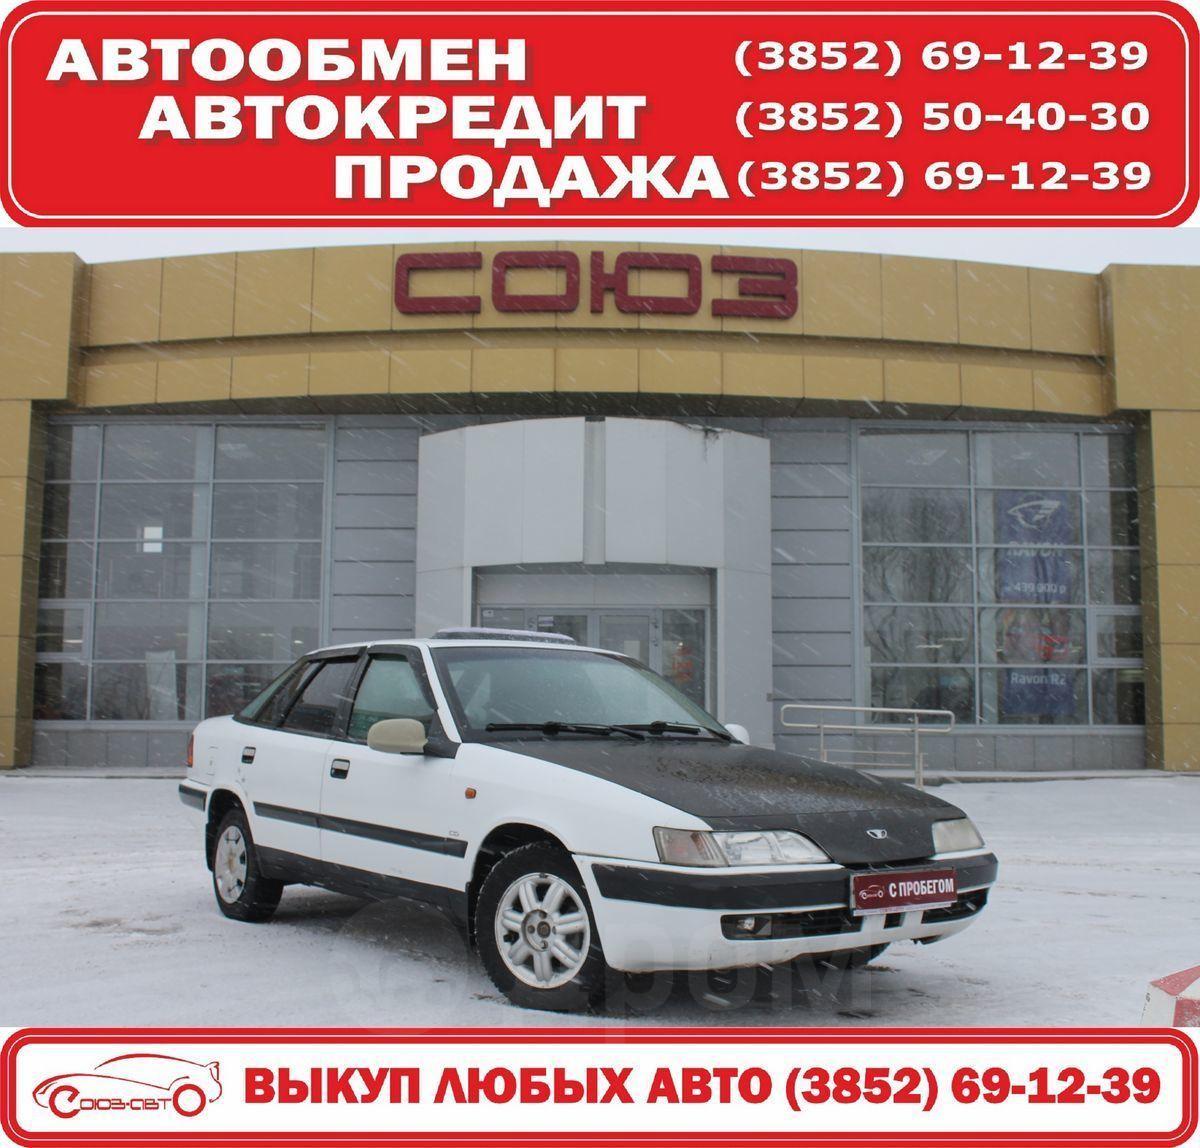 б у авто в кредит онлайн